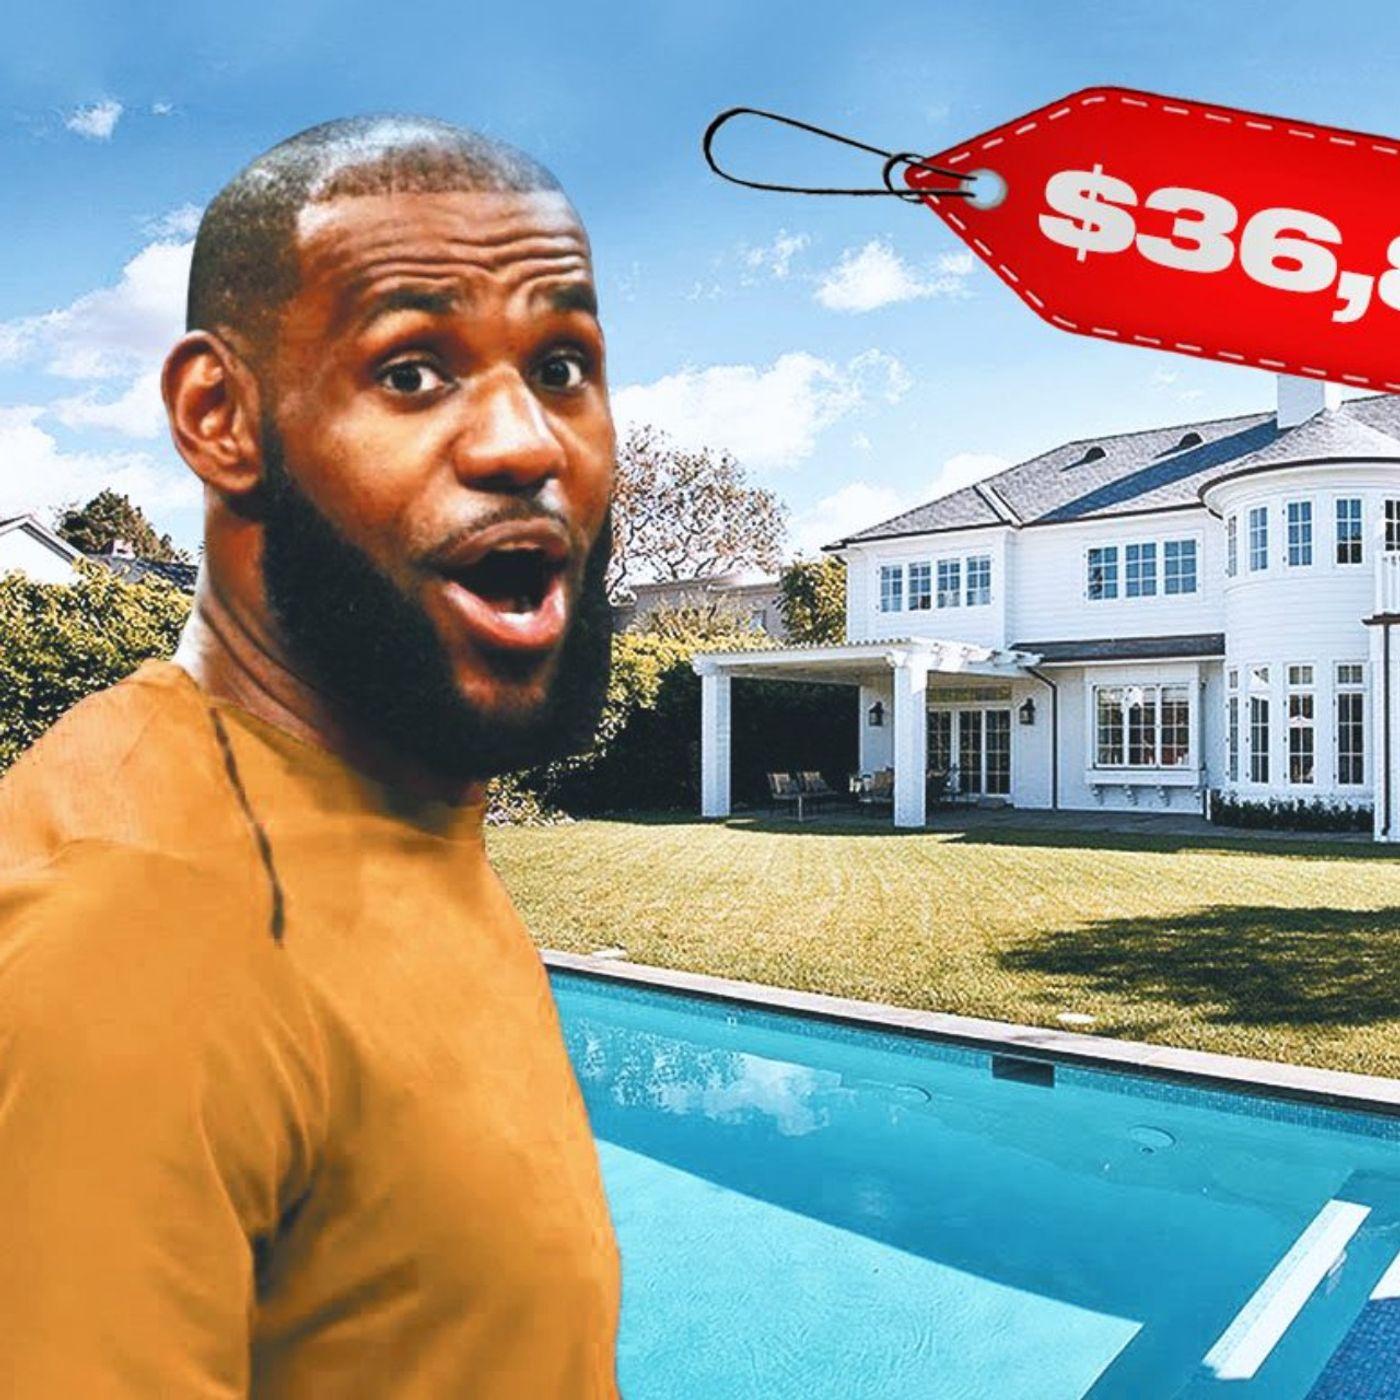 Как проиграть квартиру на ставках НБА. Версия 2021/22